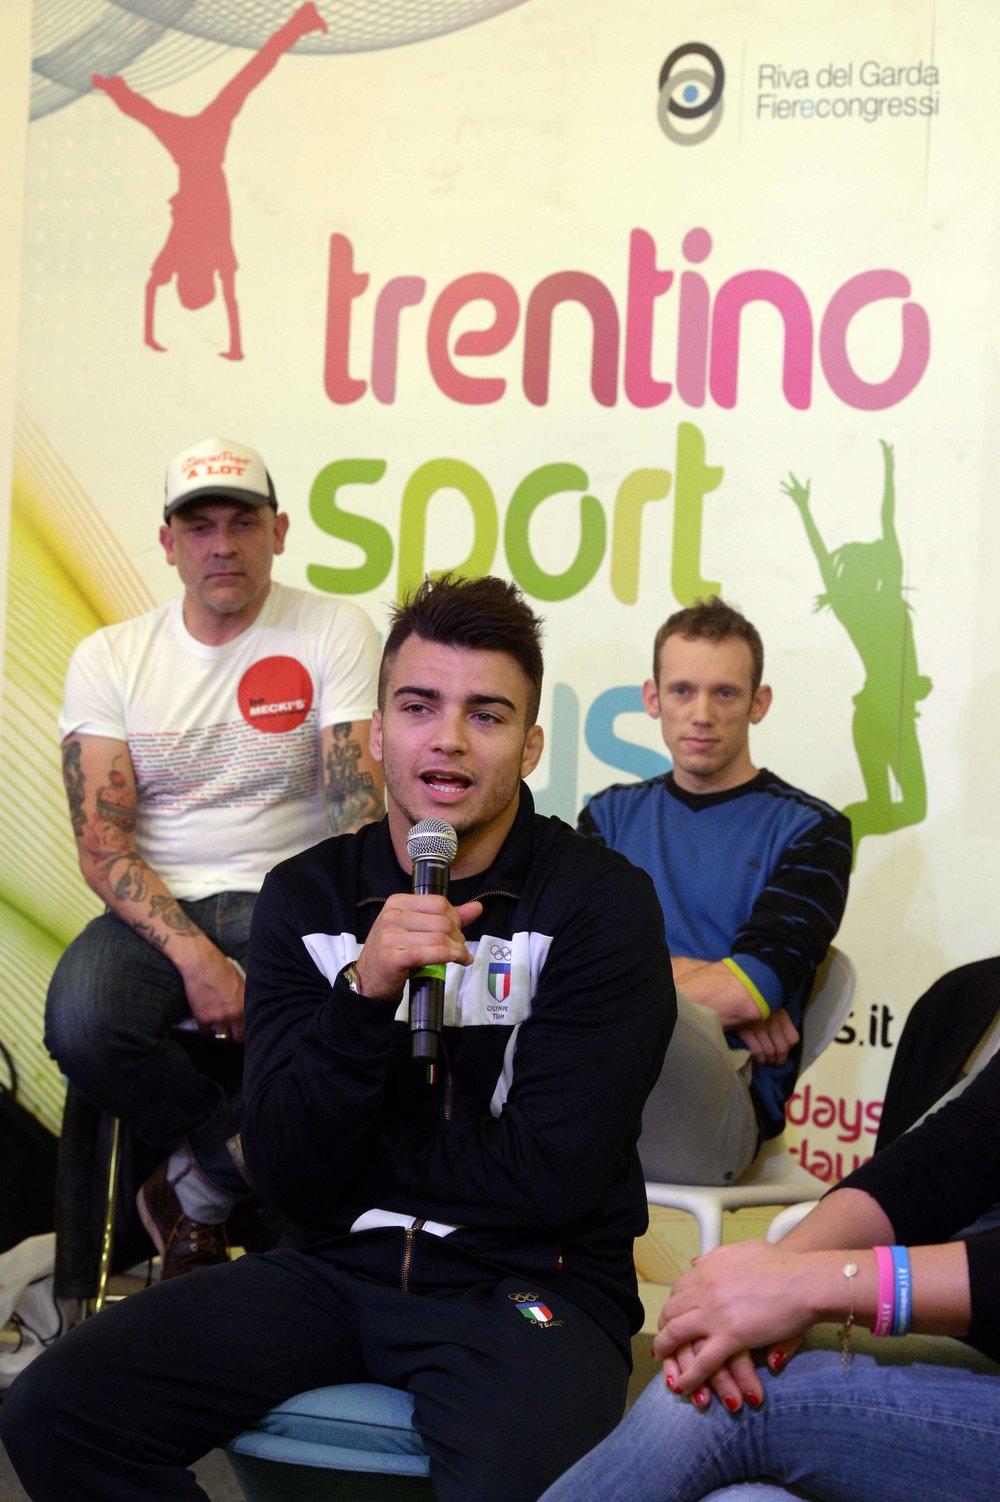 Trentino-Sport-Days_79.jpg